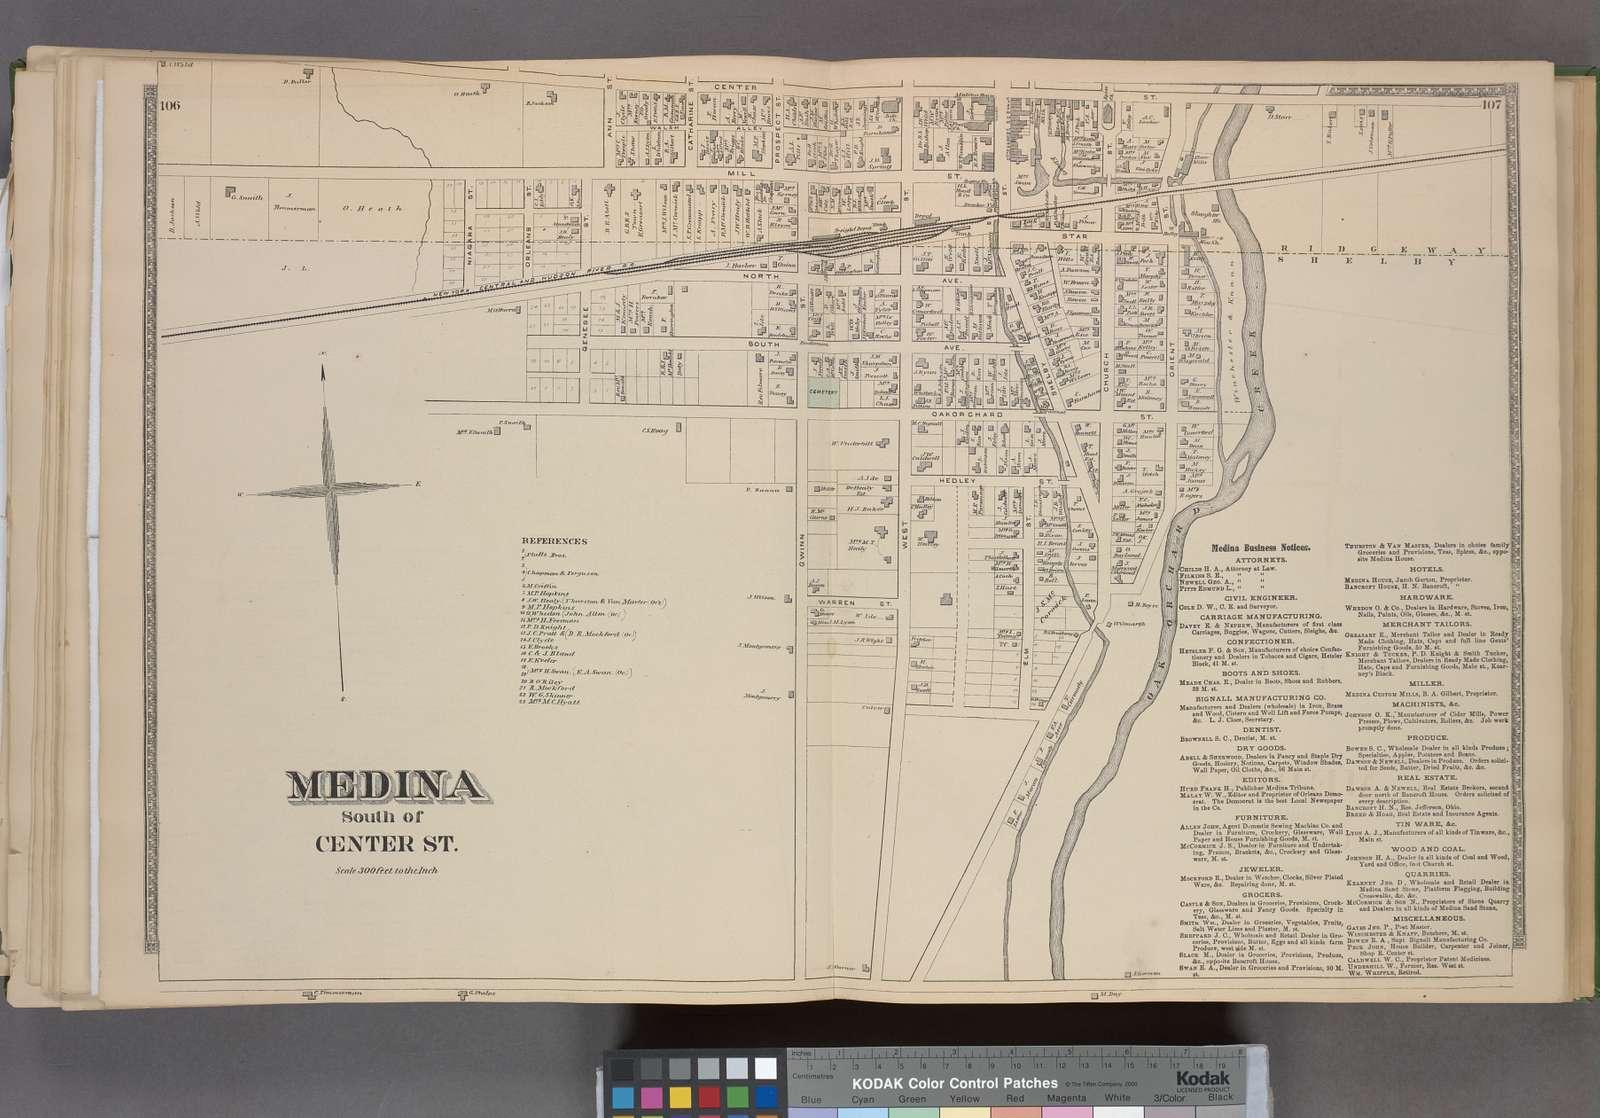 Medina South of Center St. [Village]